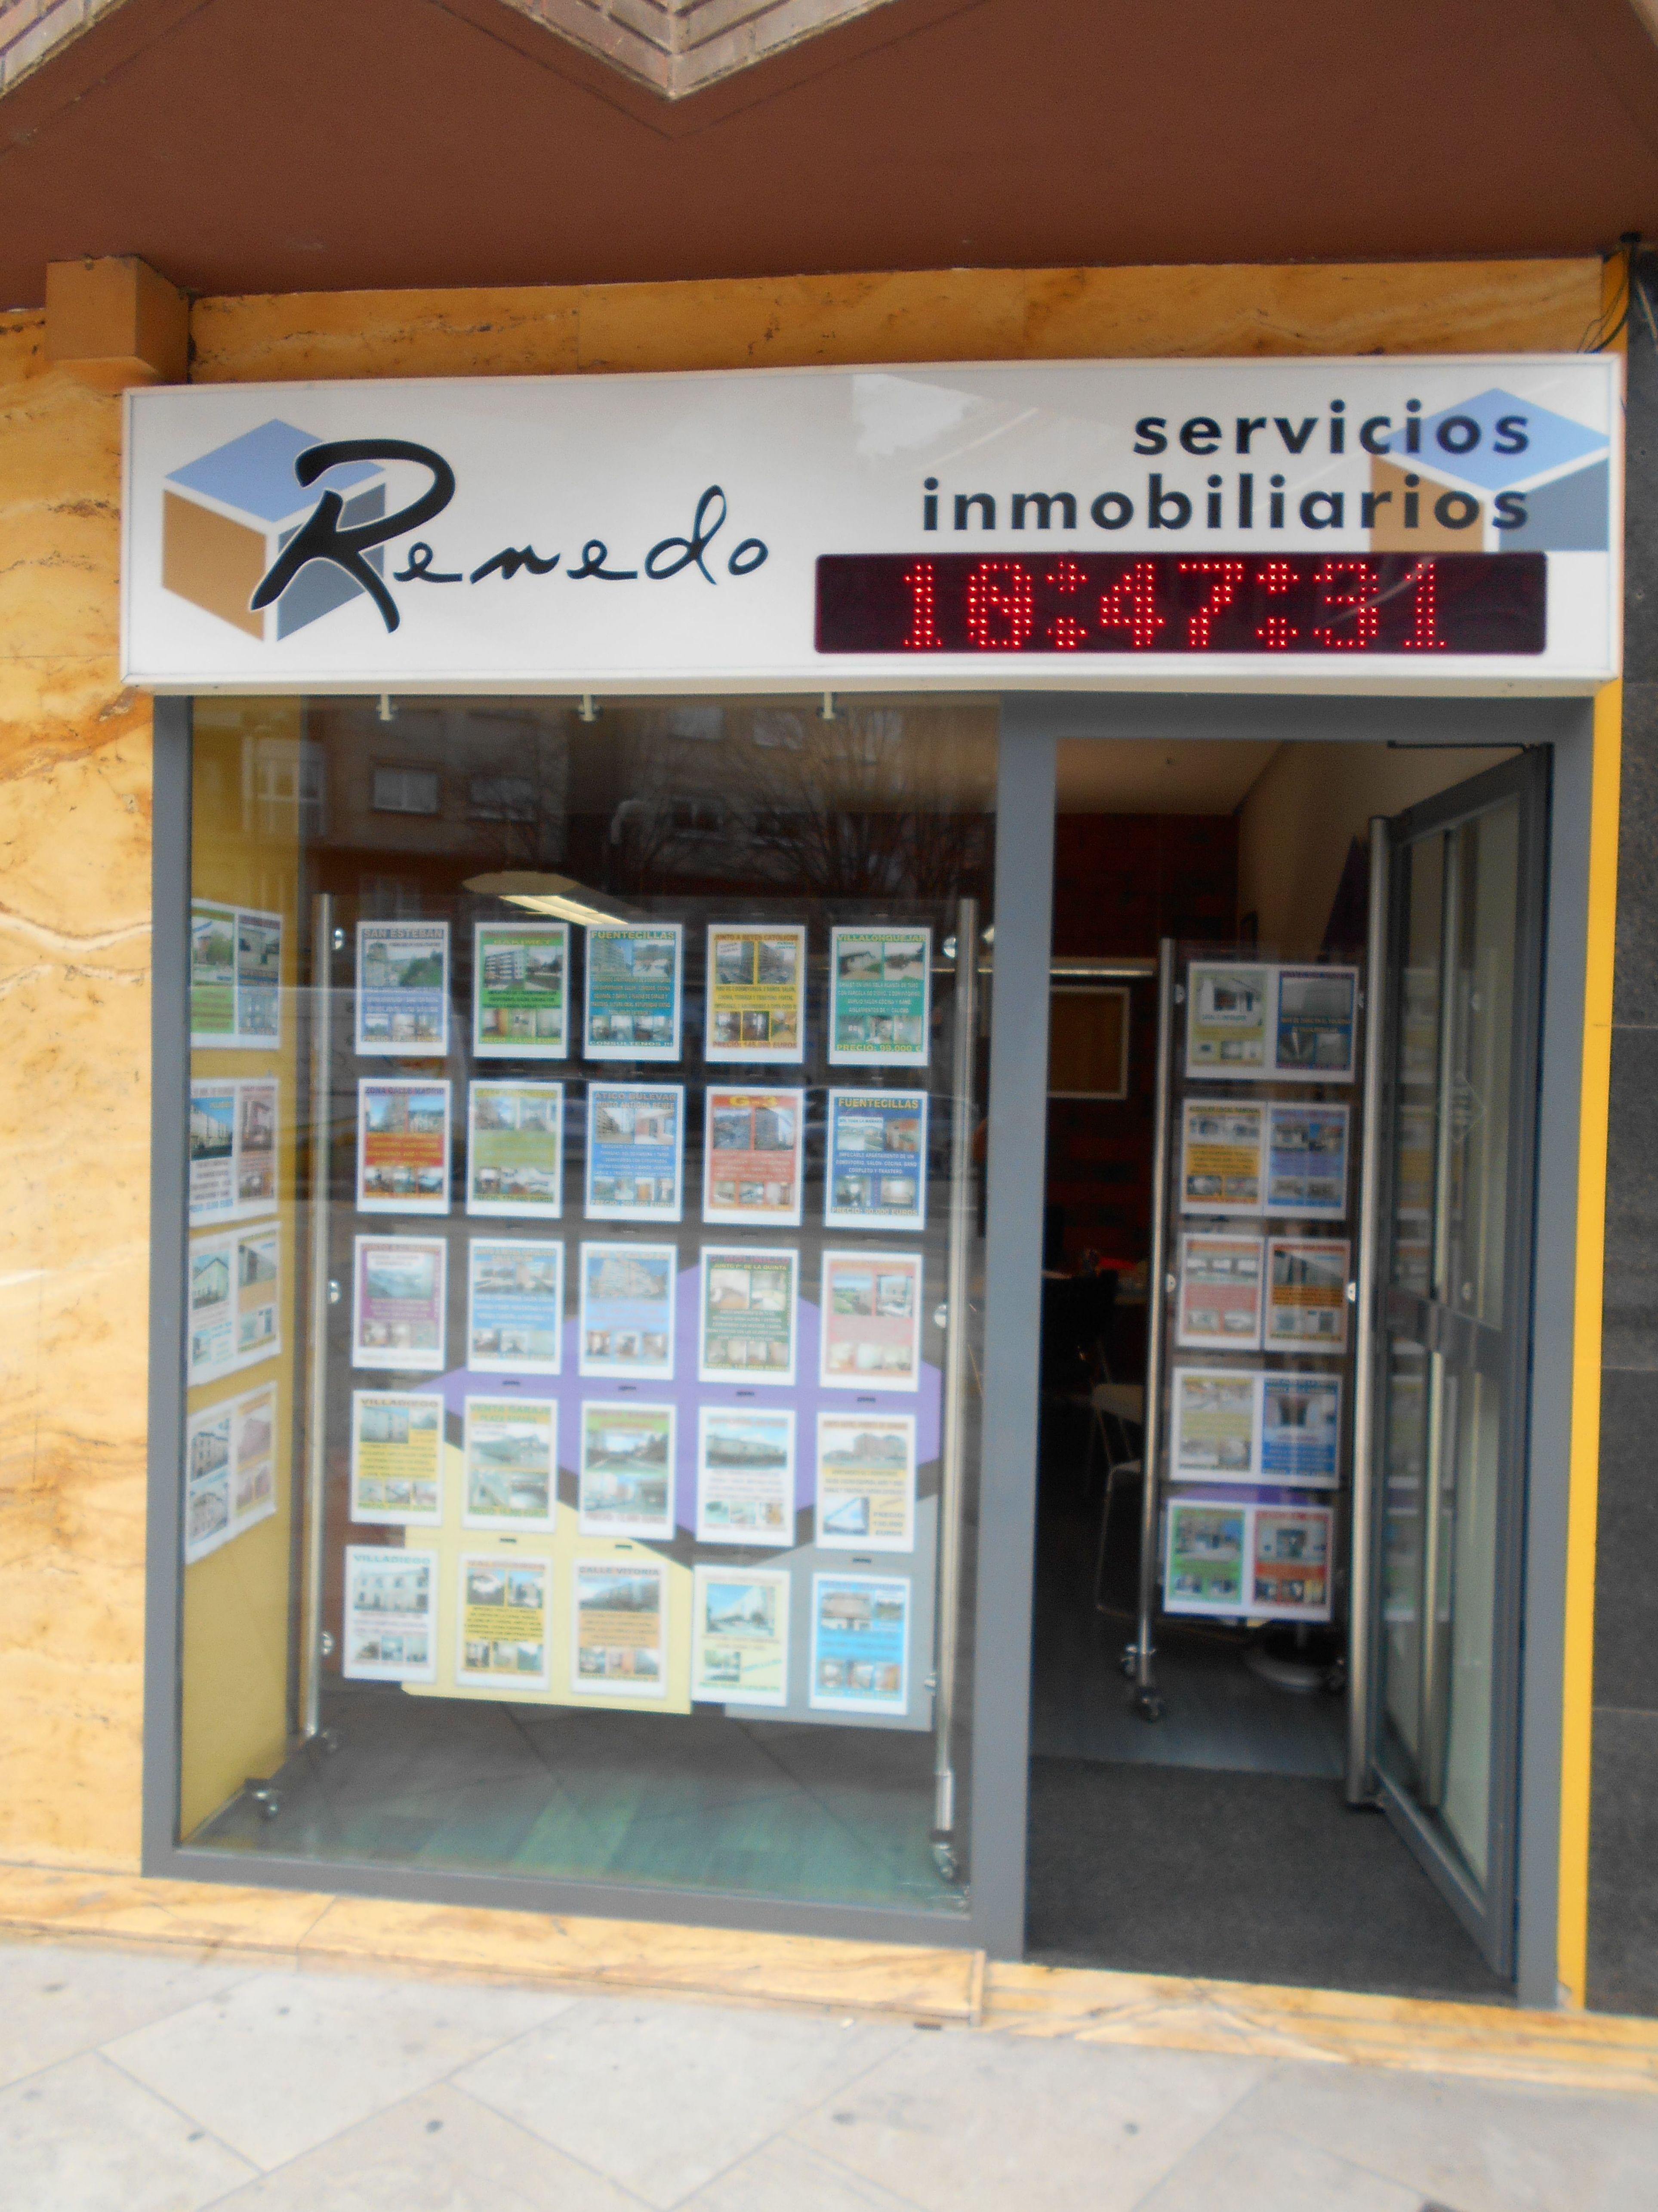 Servicios Inmobiliarios integrales en Burgos